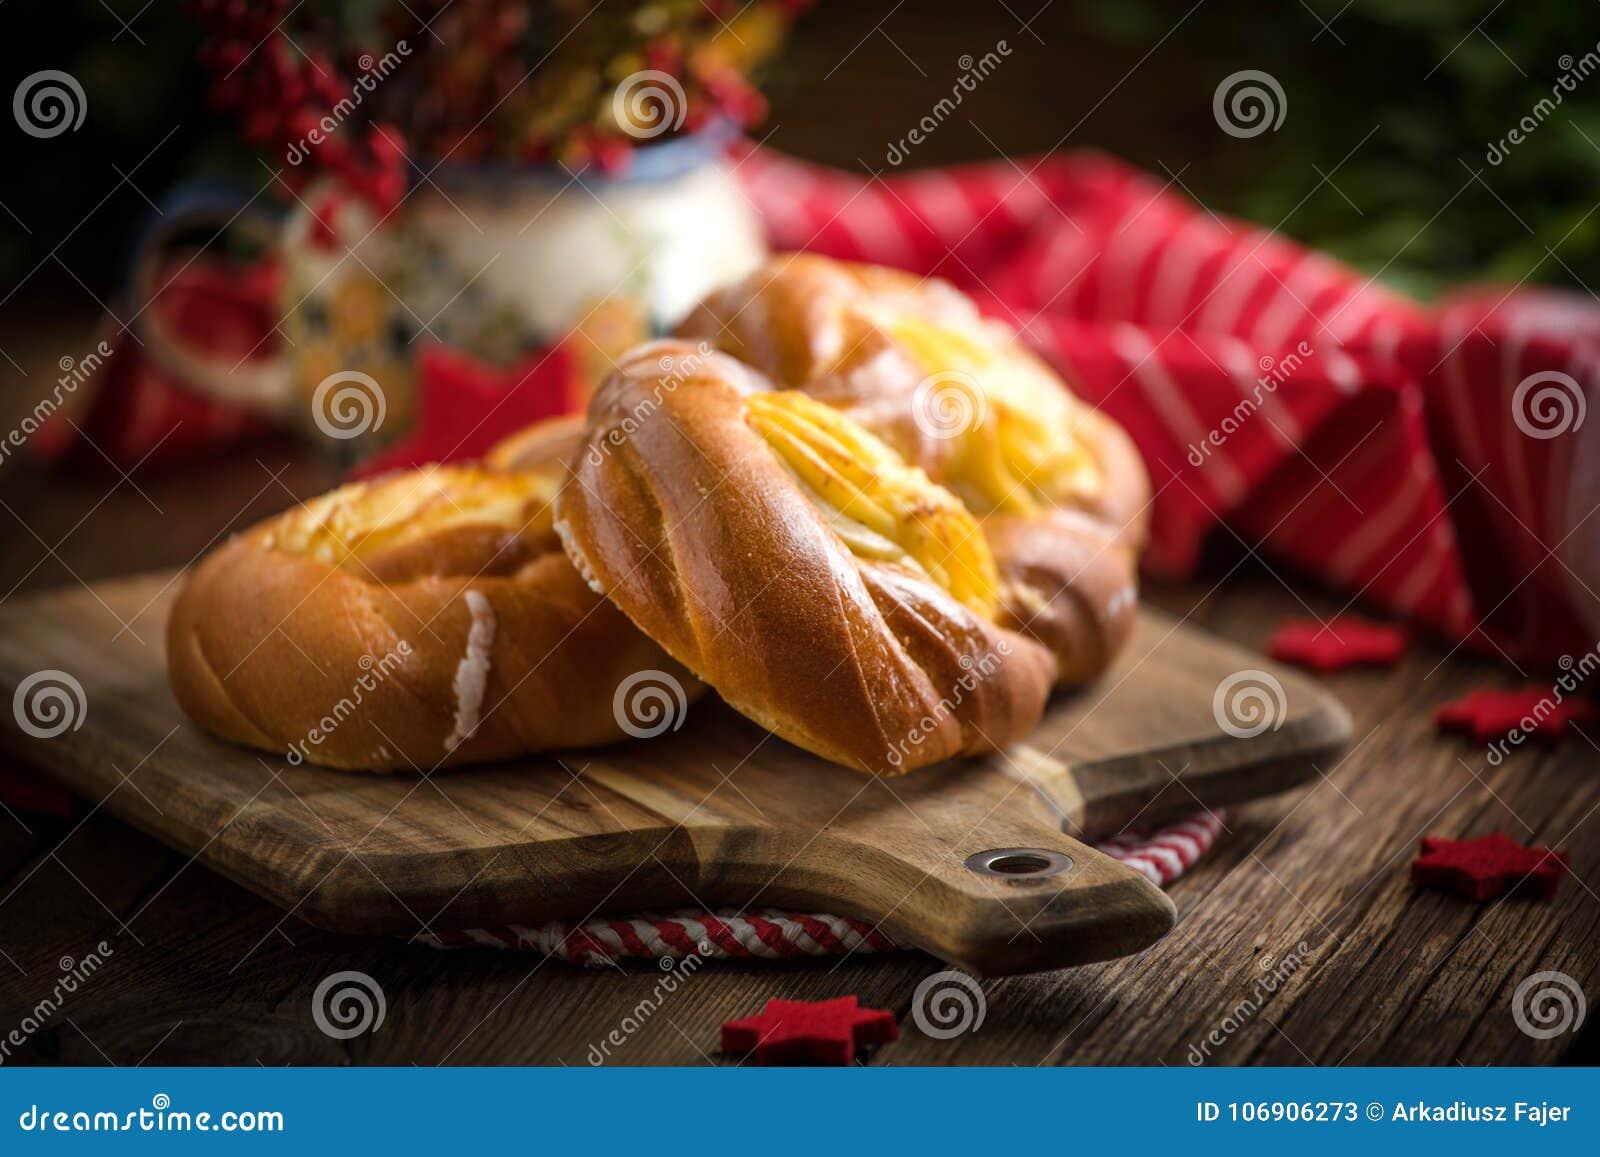 Słodkie babeczki z serem